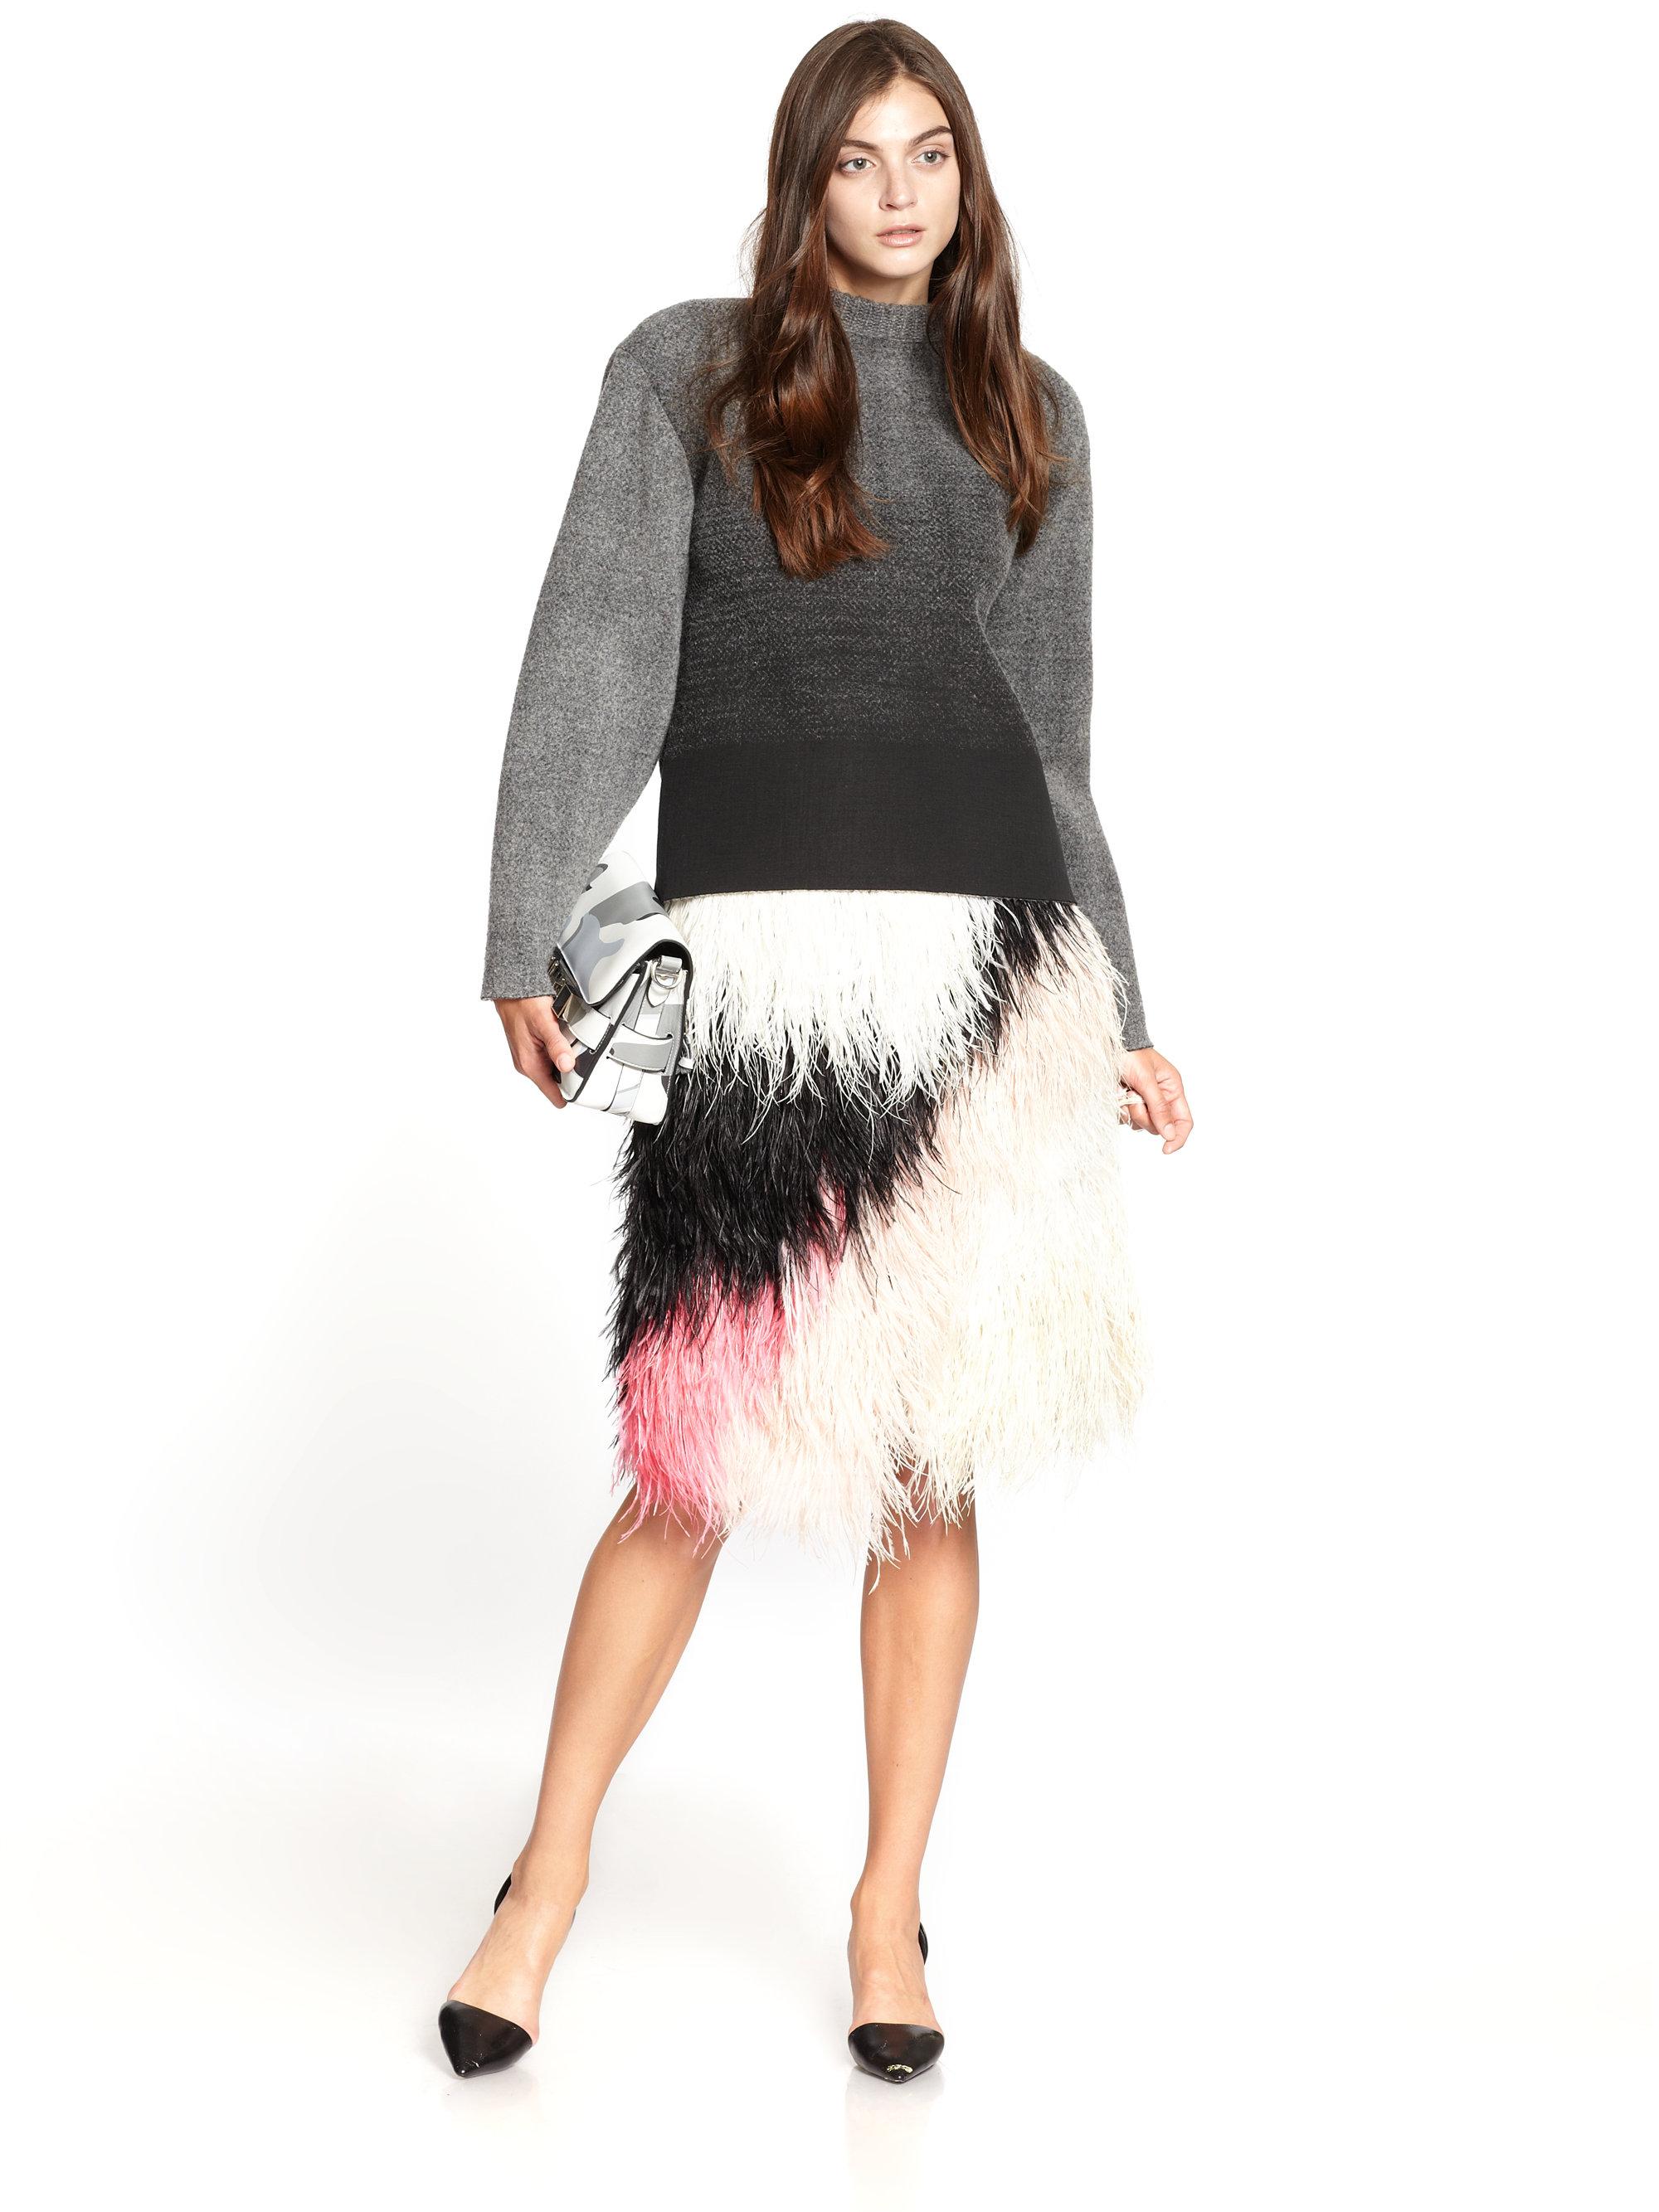 Proenza Schouler Ombr 233 Knittextured Neoprene Sweater In